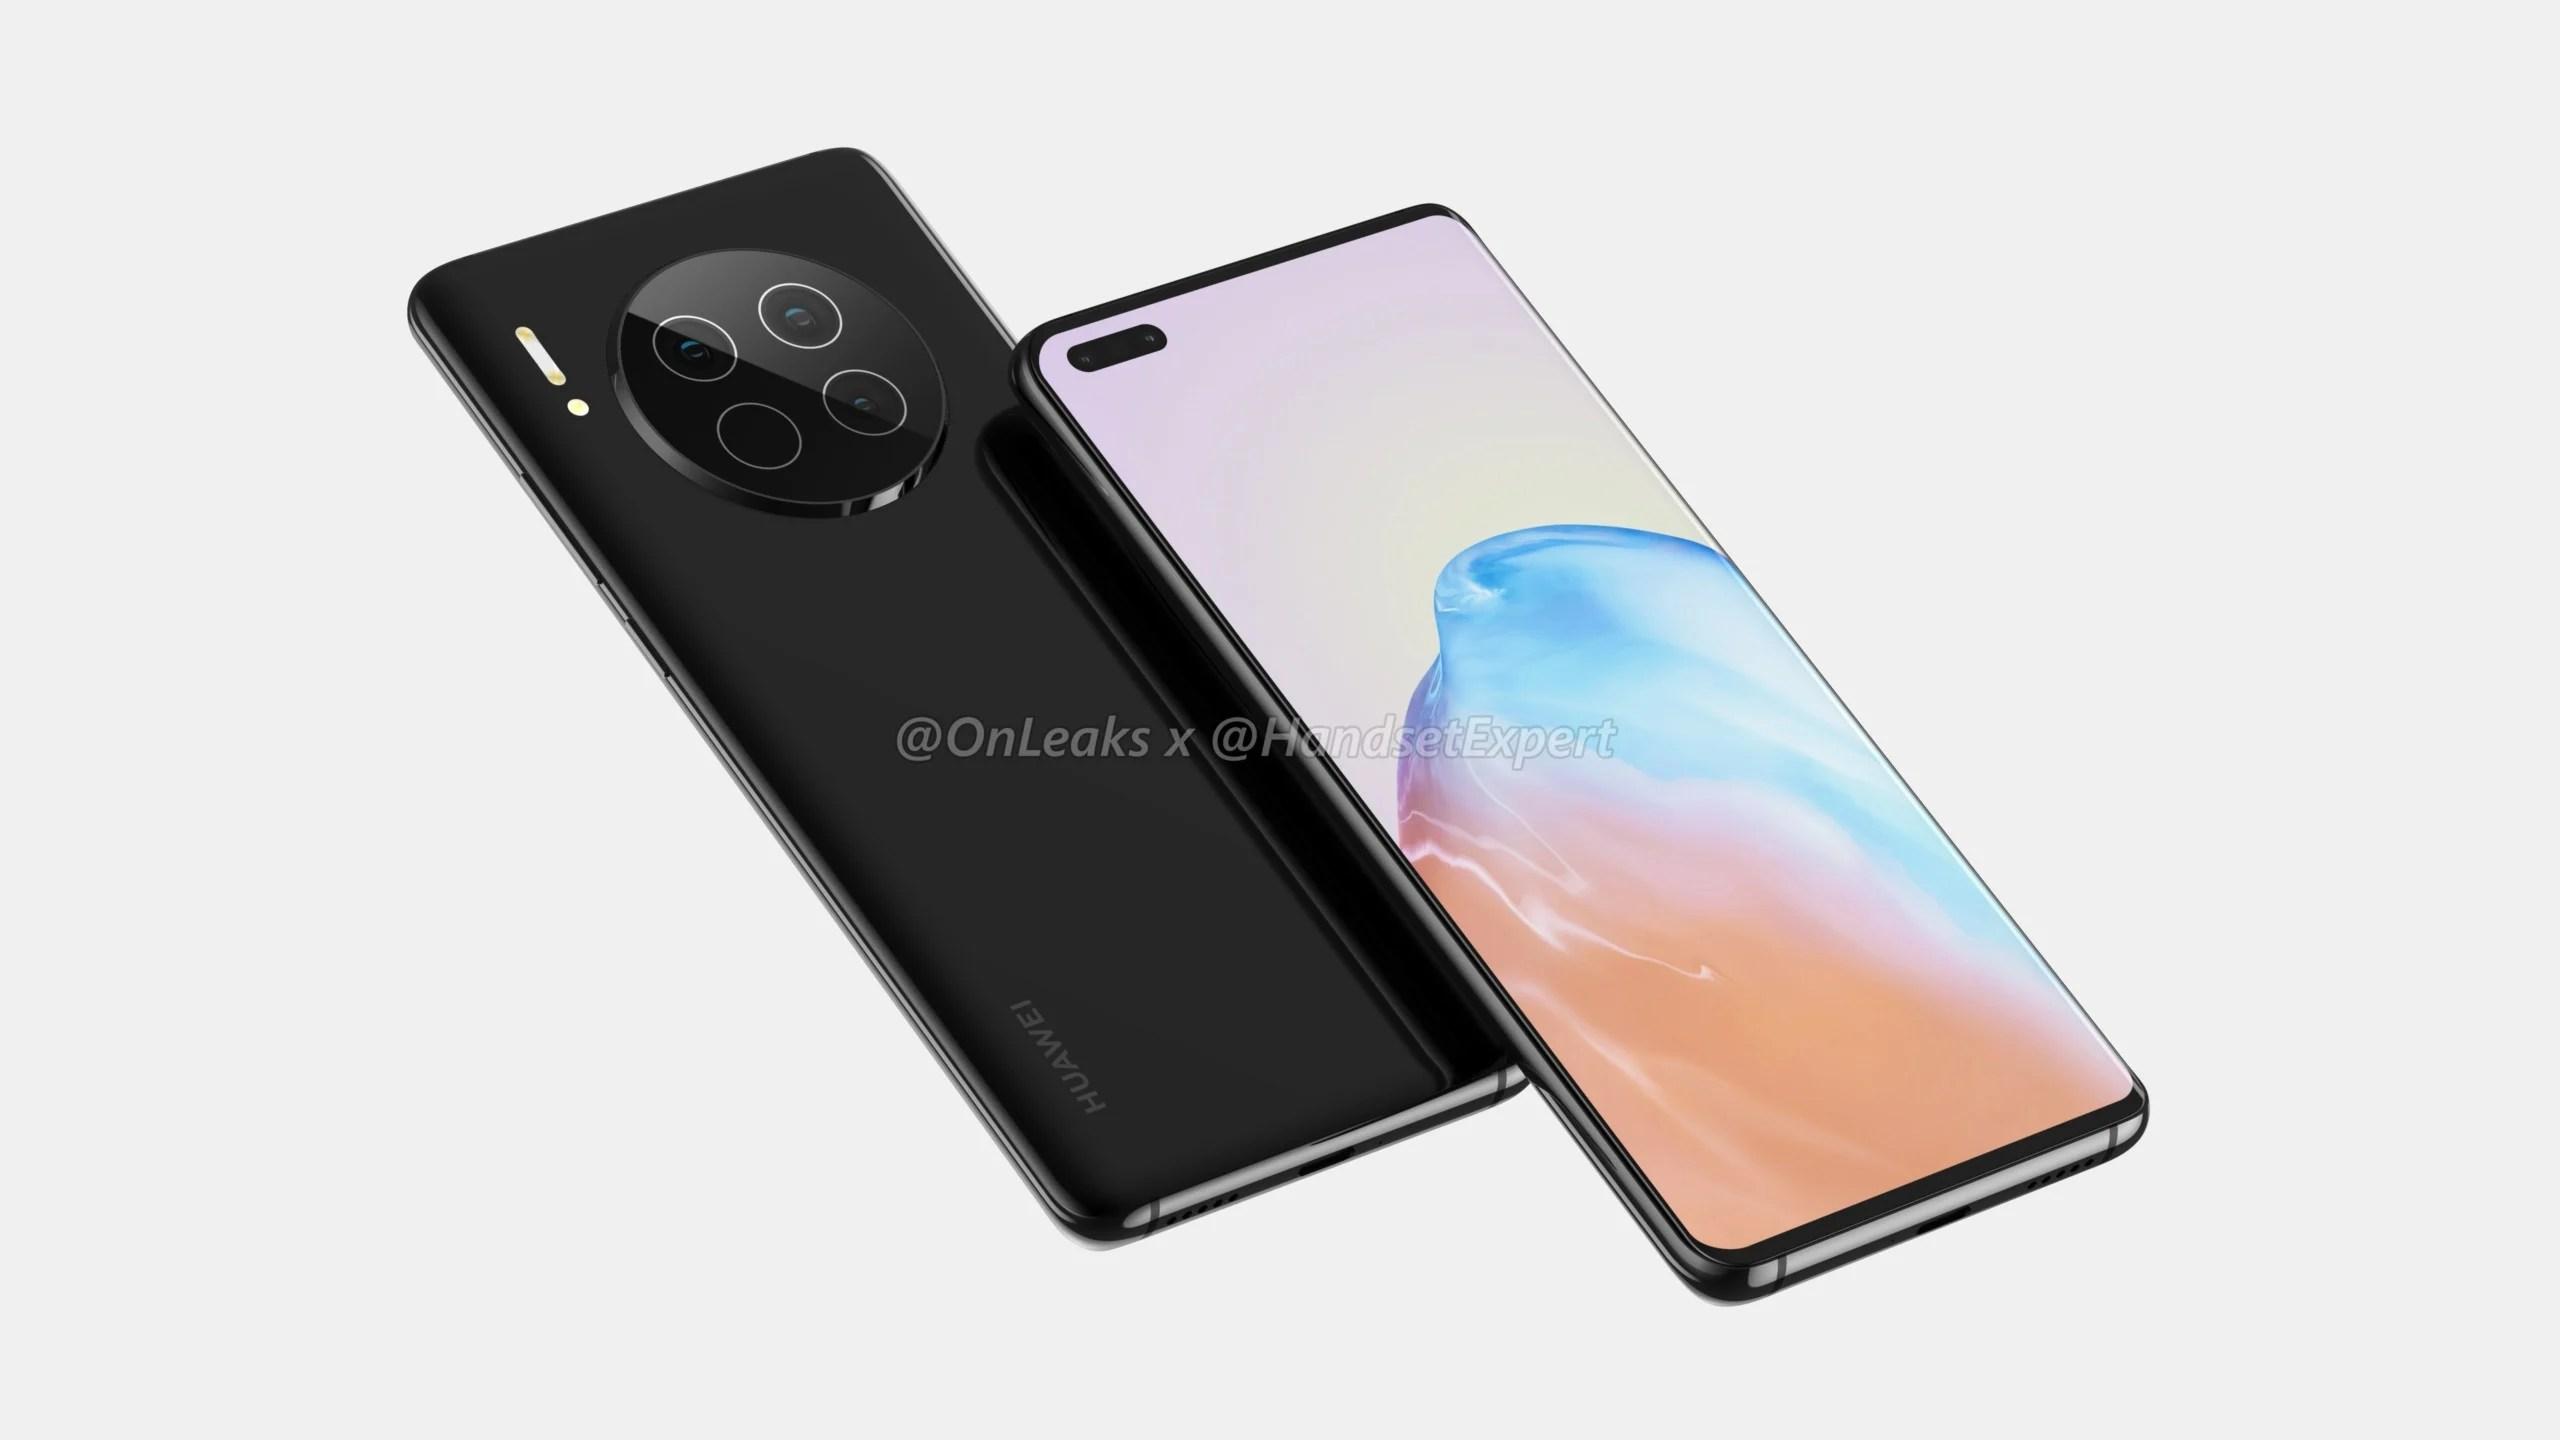 Huawei Mate 40 : voici son design avec 6 capteurs photo écran incurvé